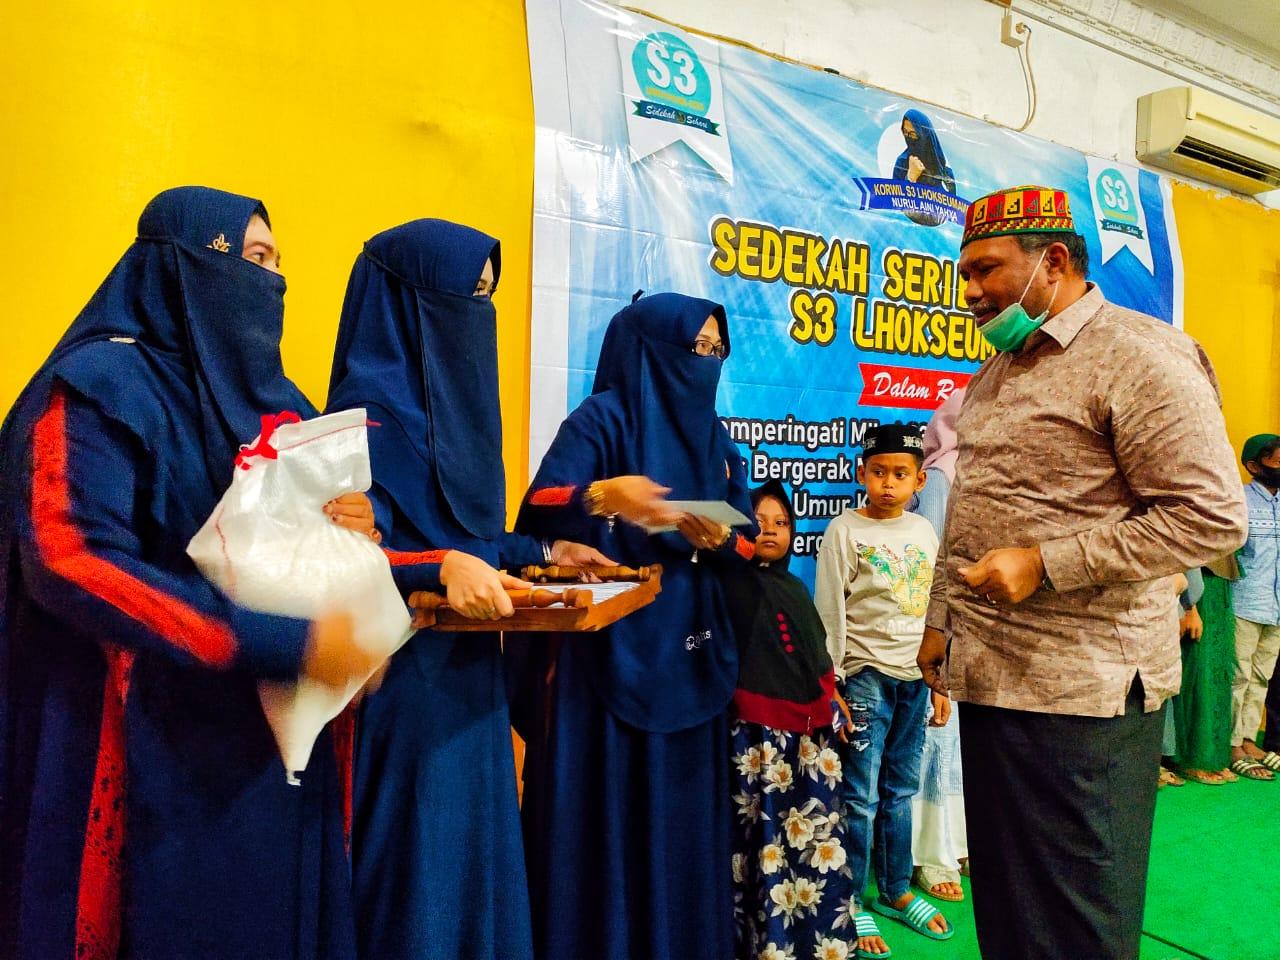 Rayakan Milad Ke-1, Komunitas S3 Lhokseumawe Berikan Santunan Anak Yatim